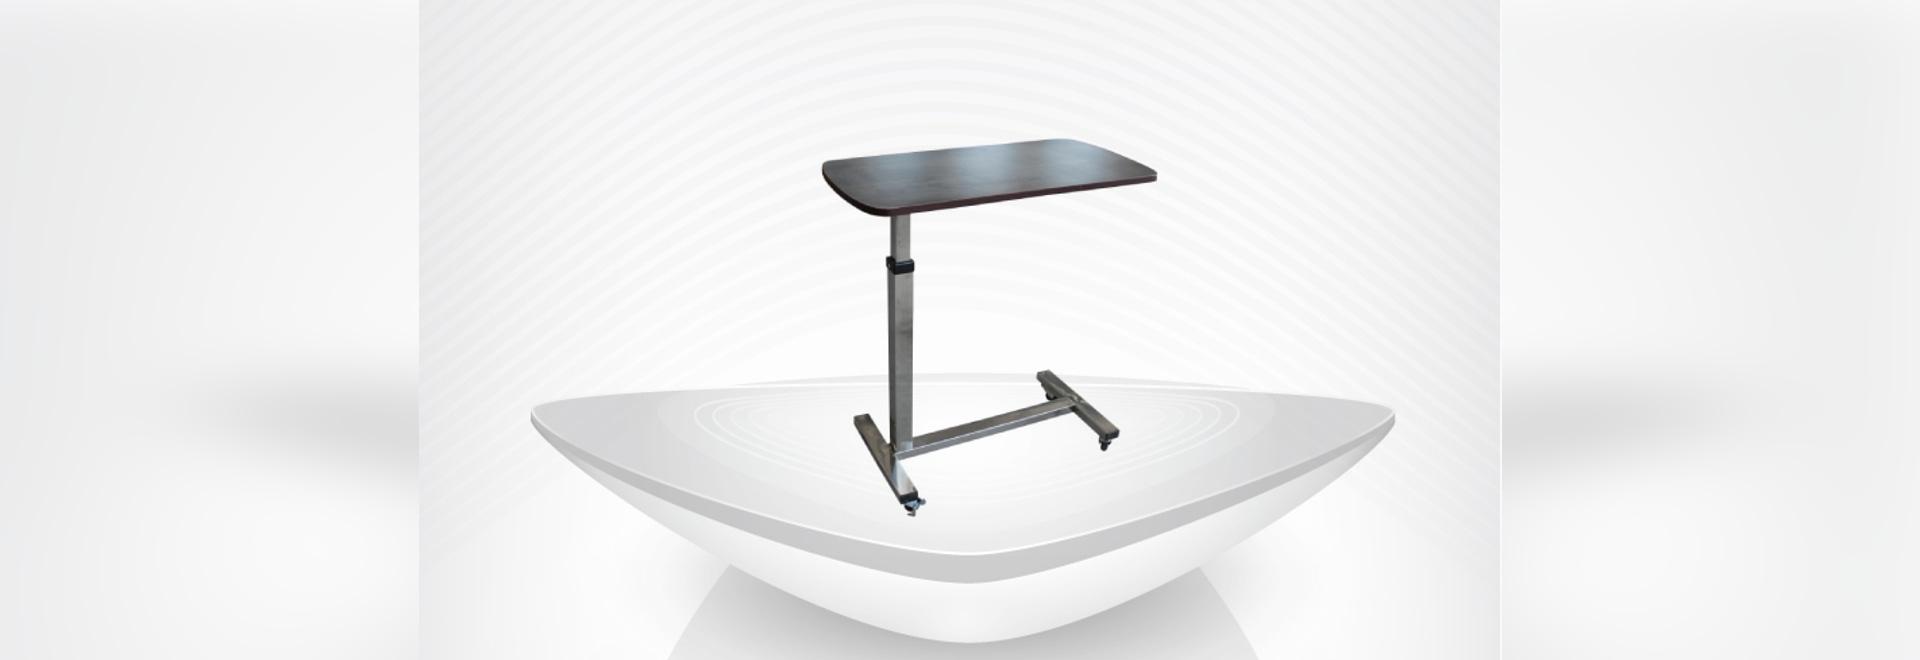 table overbed par hôpital réglable mobile médical de taille/table dinning en bois de conseil